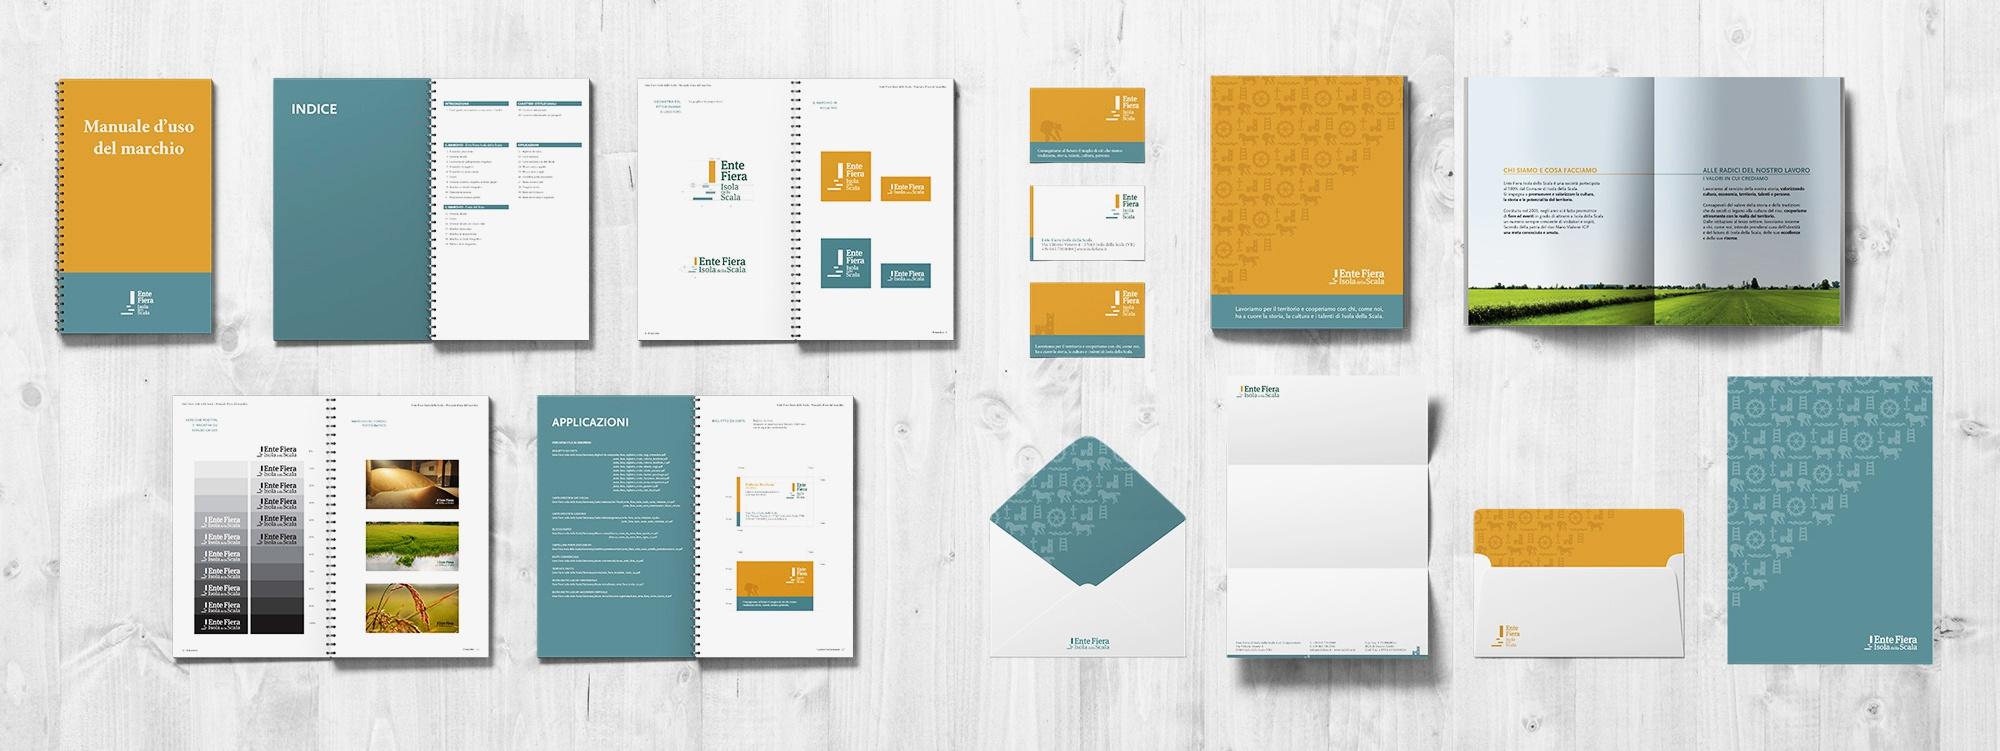 Stationary e Manuale d'uso del marchio progettati per Ente Fiera Isola della Scala